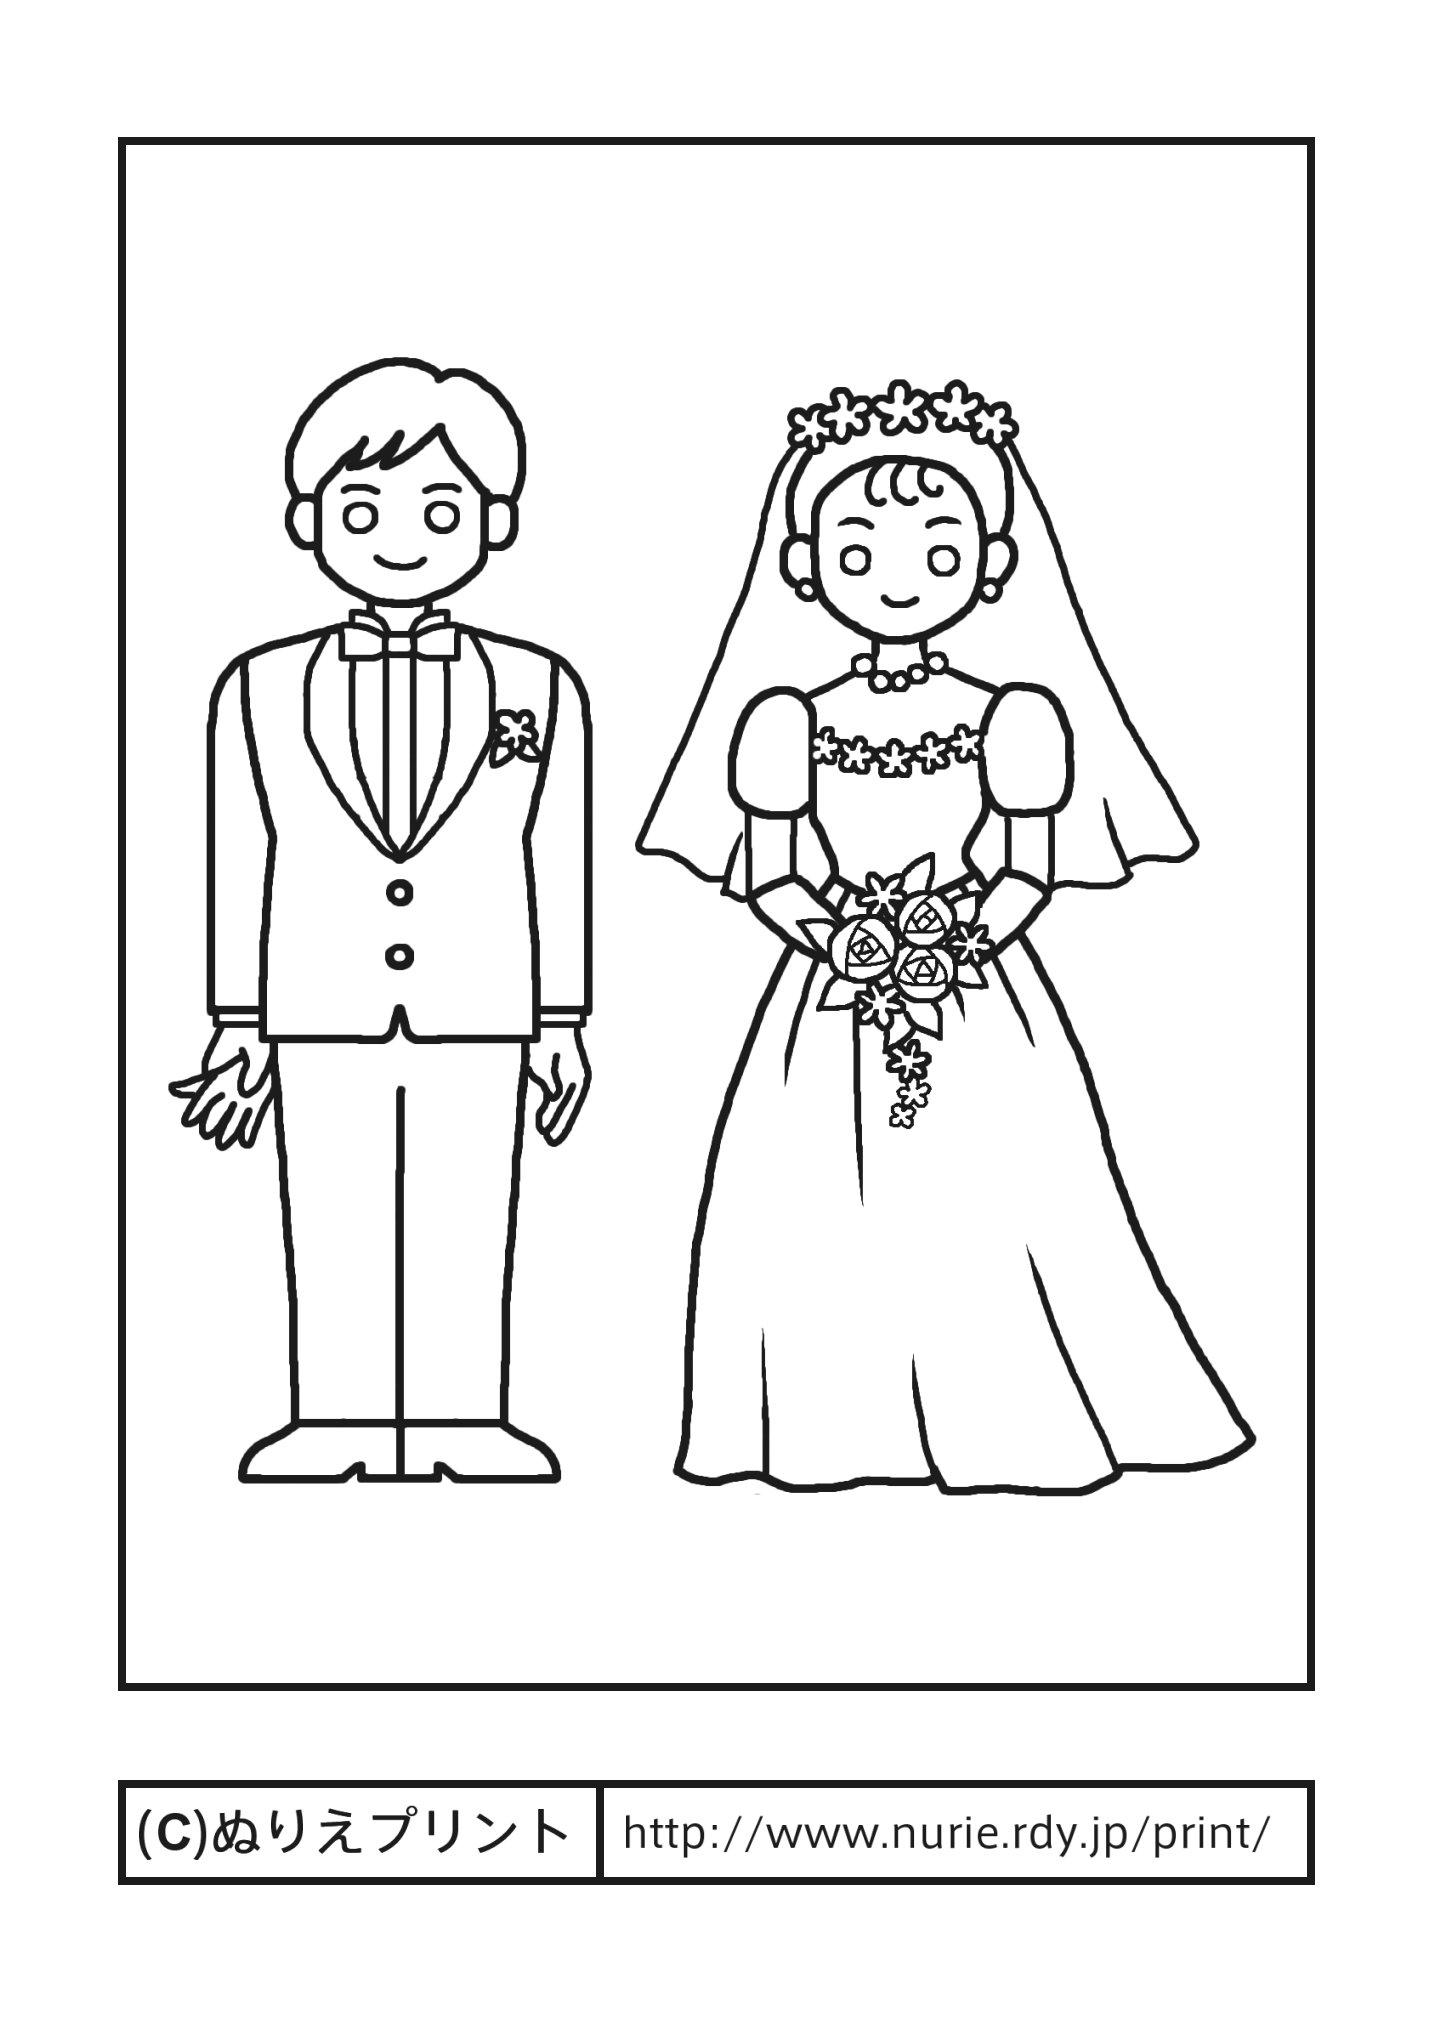 結婚式・教会・洋式(主線・黒)/ジューンブライド/夏の季節・行事/大人の塗り絵【ぬりえプリント】